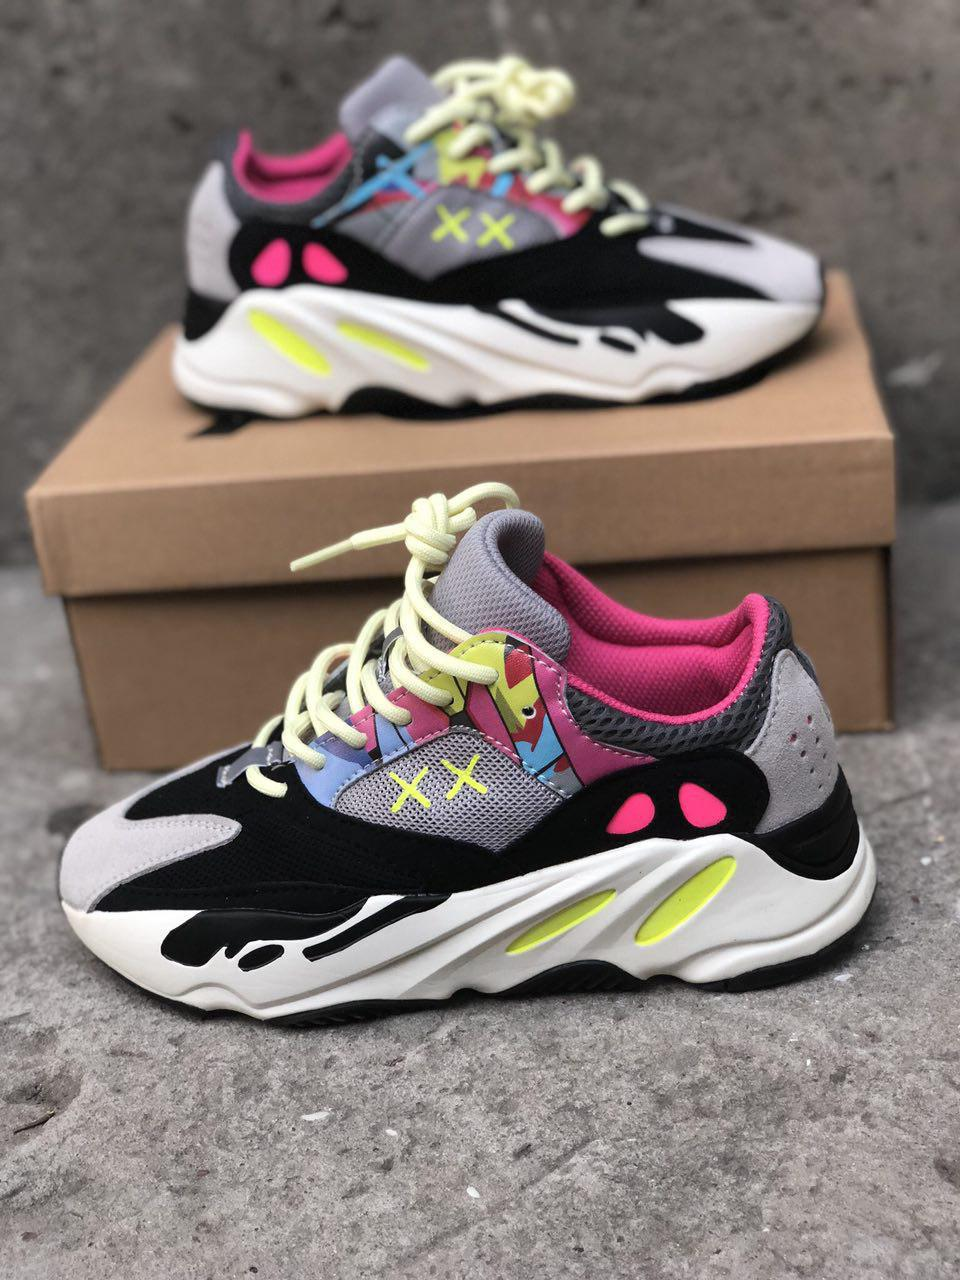 super popular b1566 f315e Женские кроссовки Kaws x adidas Yeezy Boost 700 Wave Runner